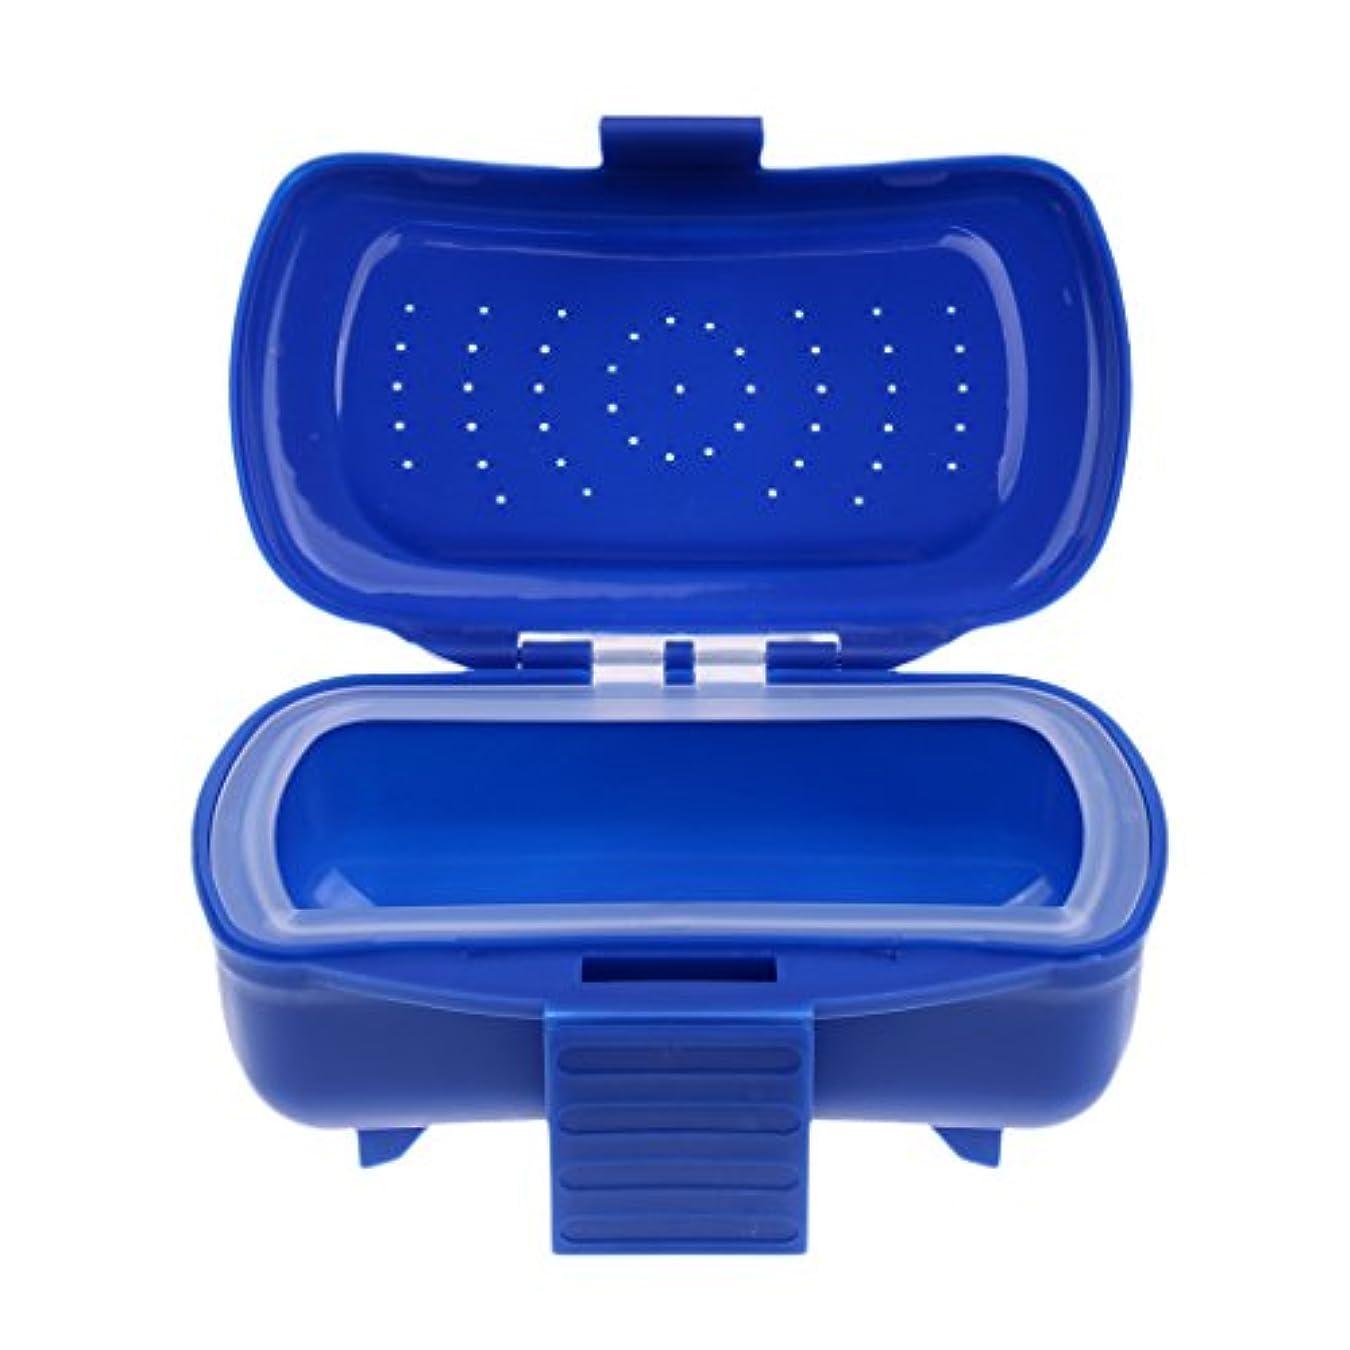 メンタリティジュース光景SONONIA ポータブル ミミズ ワーム ベイト ルアー  フィッシング タックル ボックス  プラスチック  ブルー